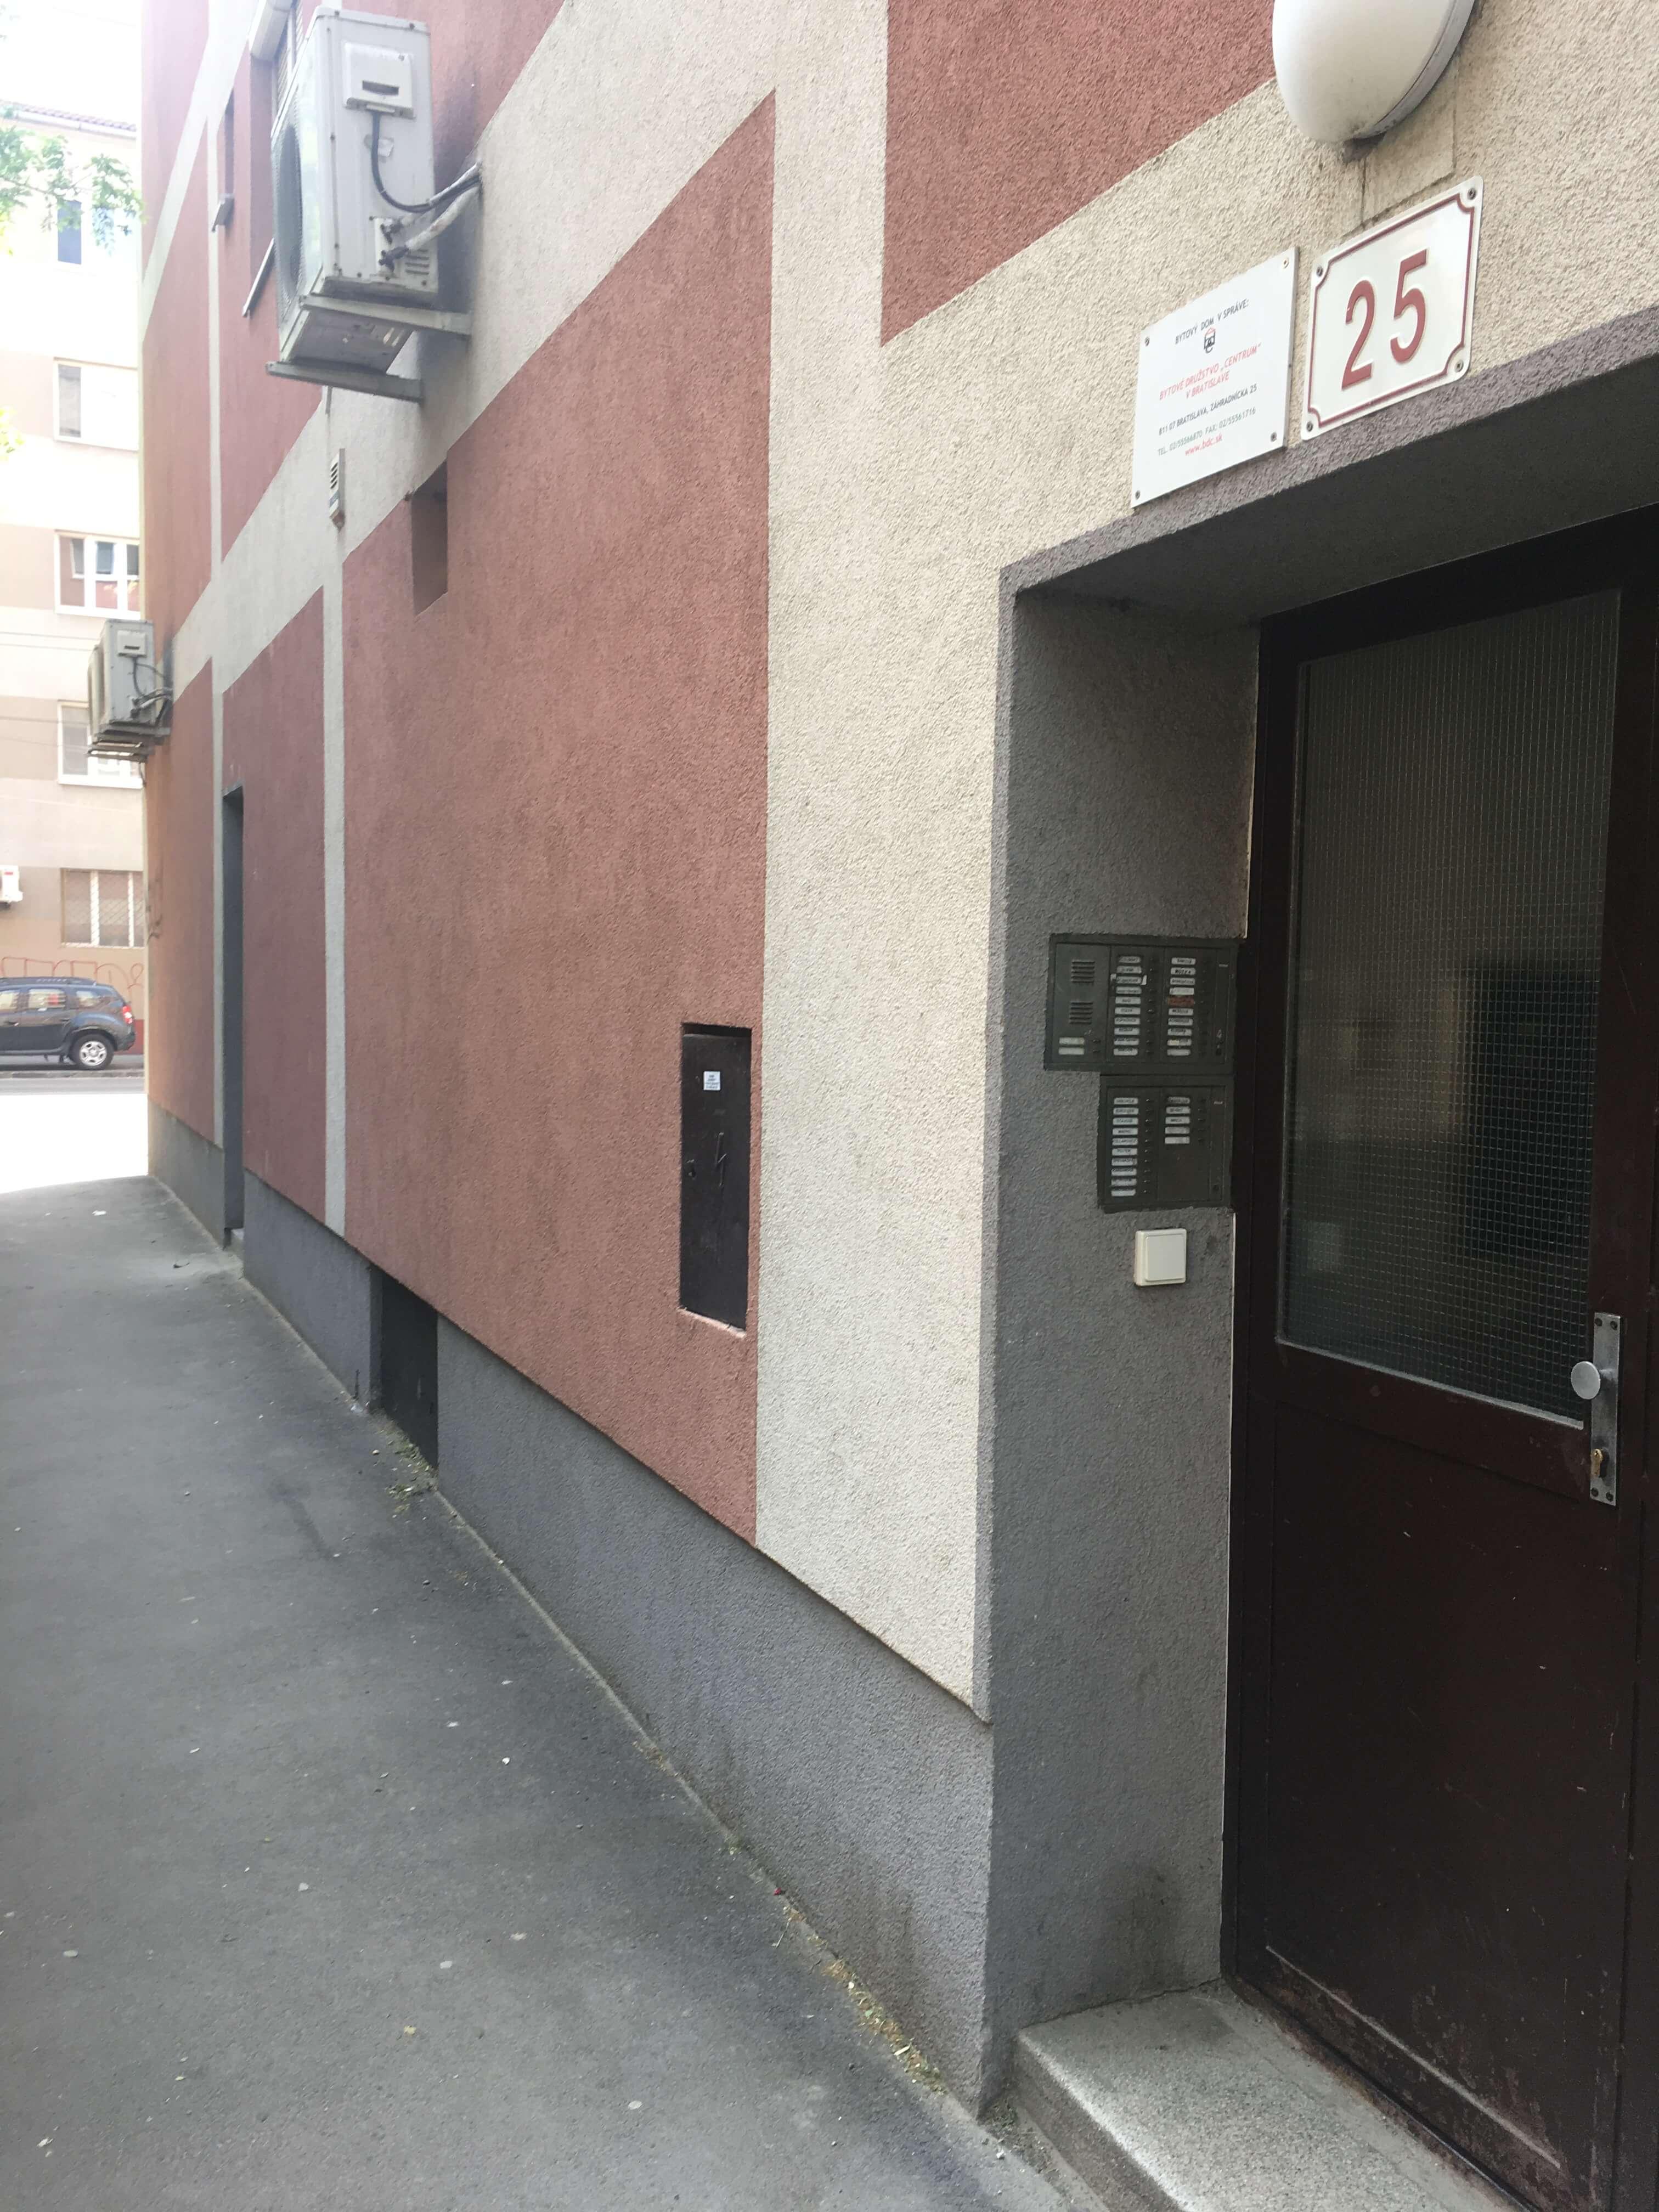 Prenajaté: Exkluzívne na prenájom 1 Izbový byt, 43 m2, pavlač 7 m2, Šancová 25, Staré mesto-10